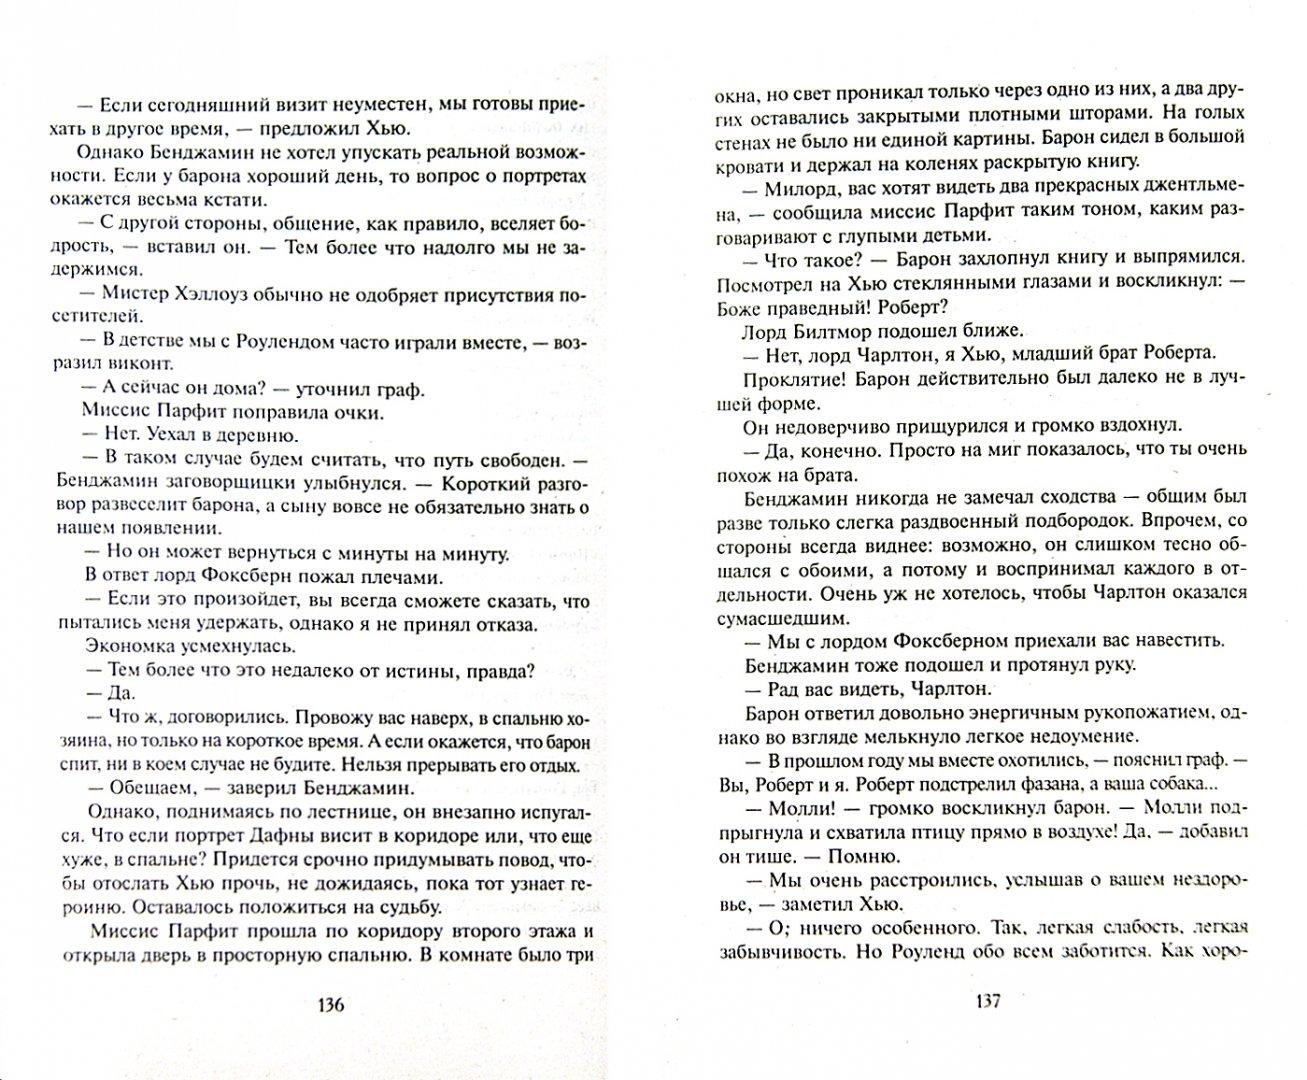 Иллюстрация 1 из 5 для Секреты леди - Анна Бартон | Лабиринт - книги. Источник: Лабиринт